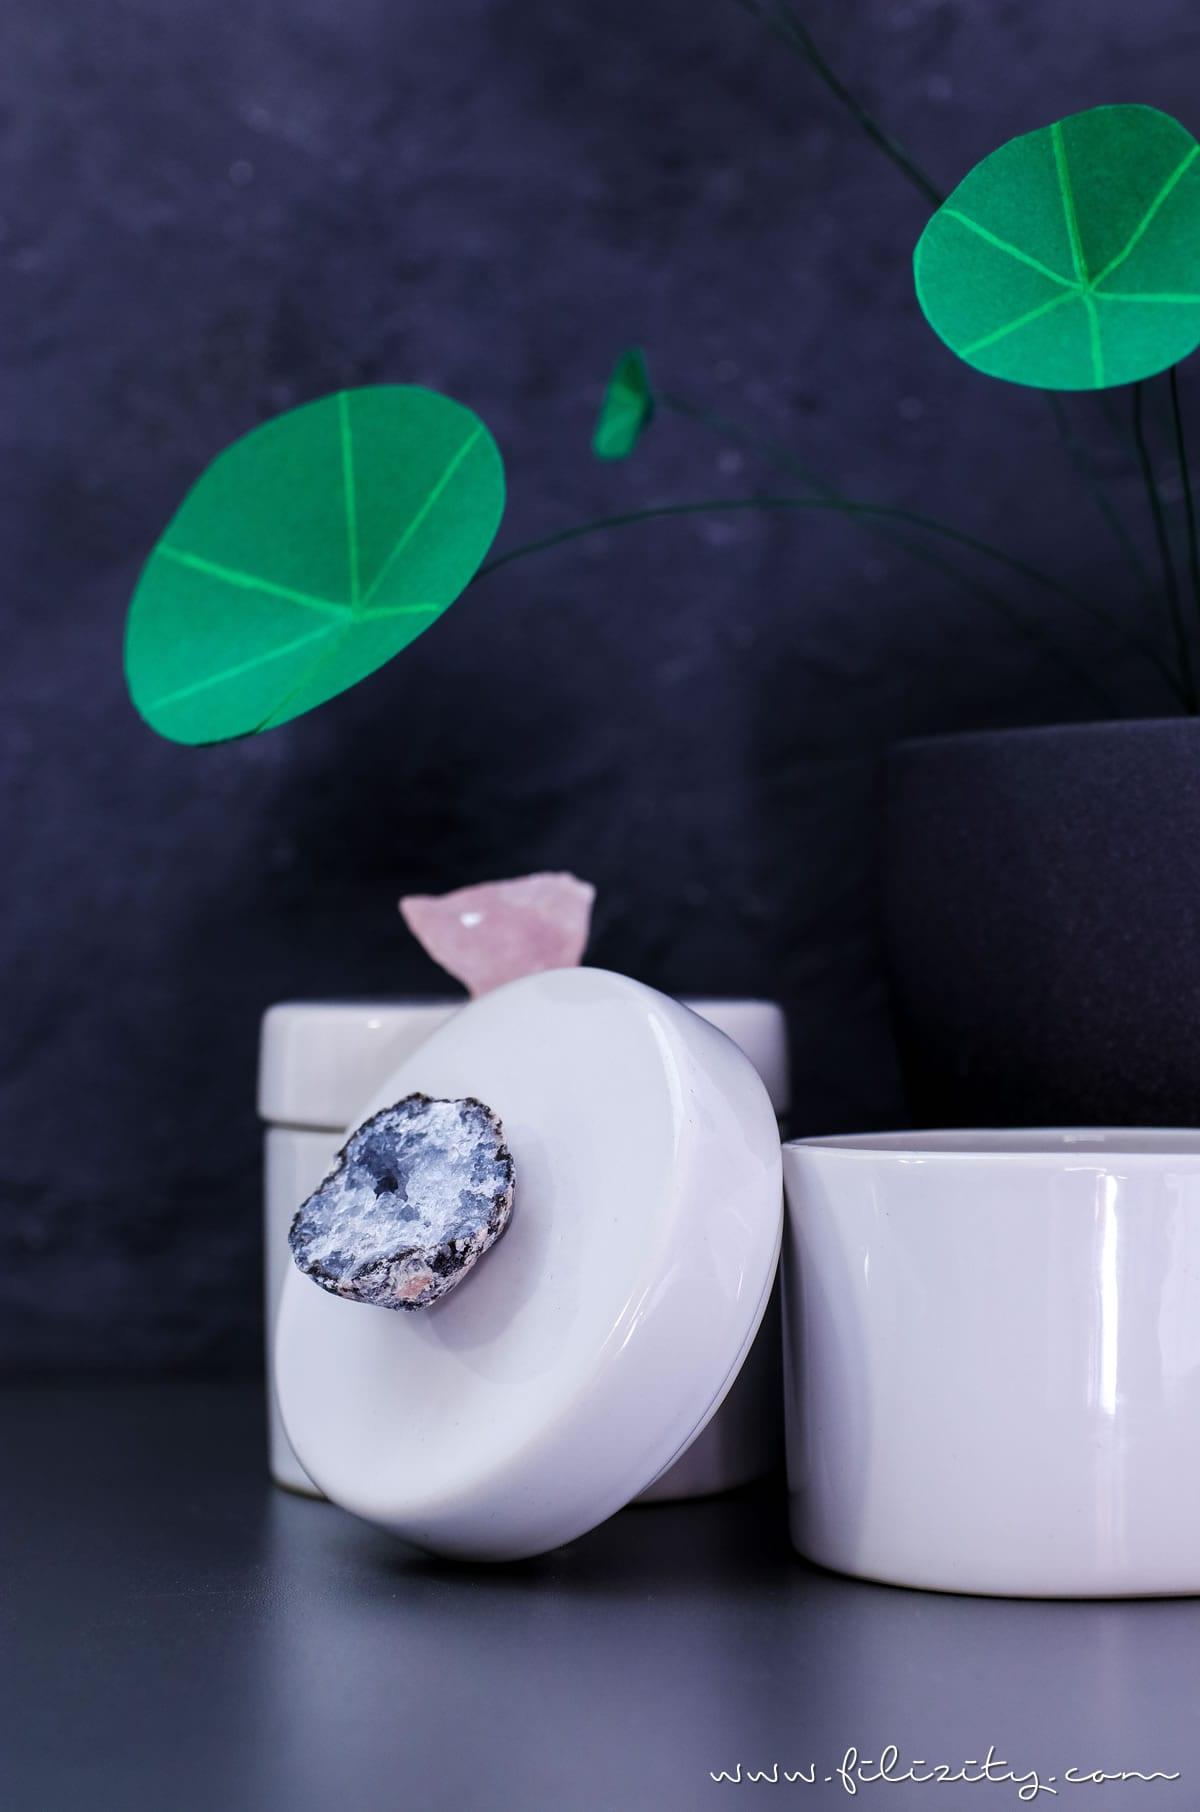 Luxus-Deko selber machen: DIY Porzellan Aufbewahrungsdosen mit Kristalldeckel schnell & günstig selbst gemacht | Filizity.com | DIY-Blog aus dem Rheinland #luxus #deko